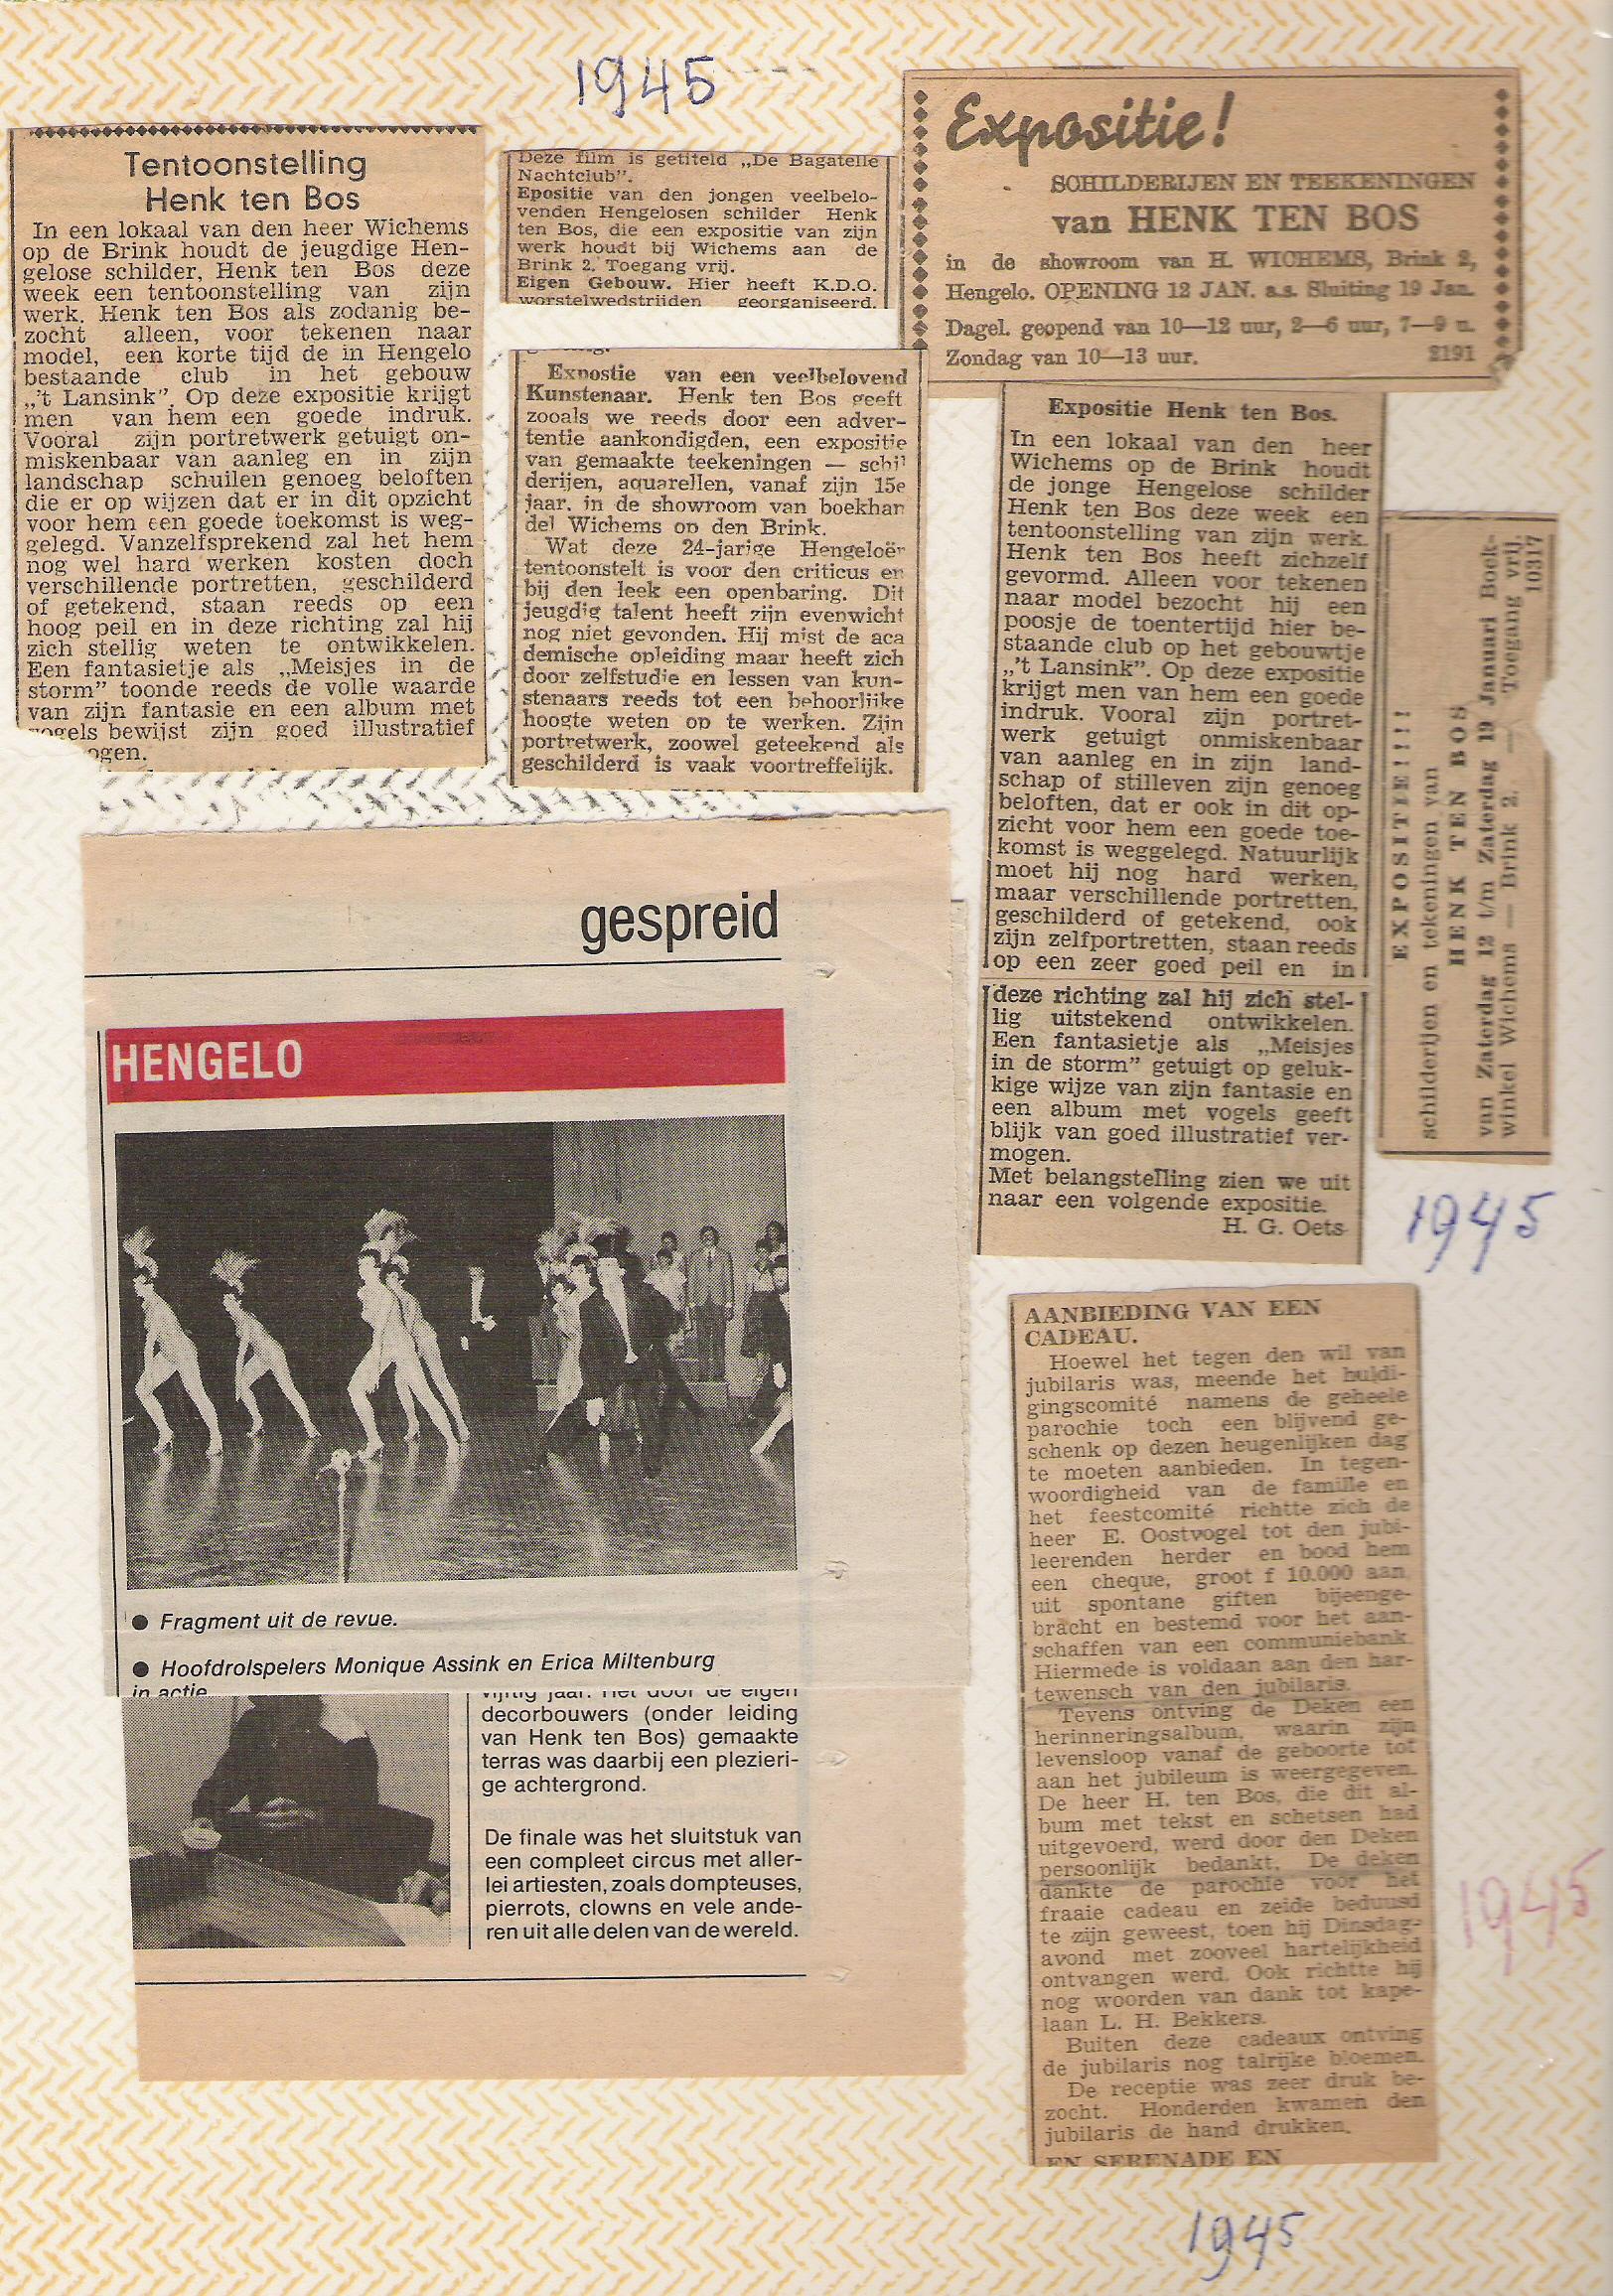 Aantal krantenknipsels uit 1945